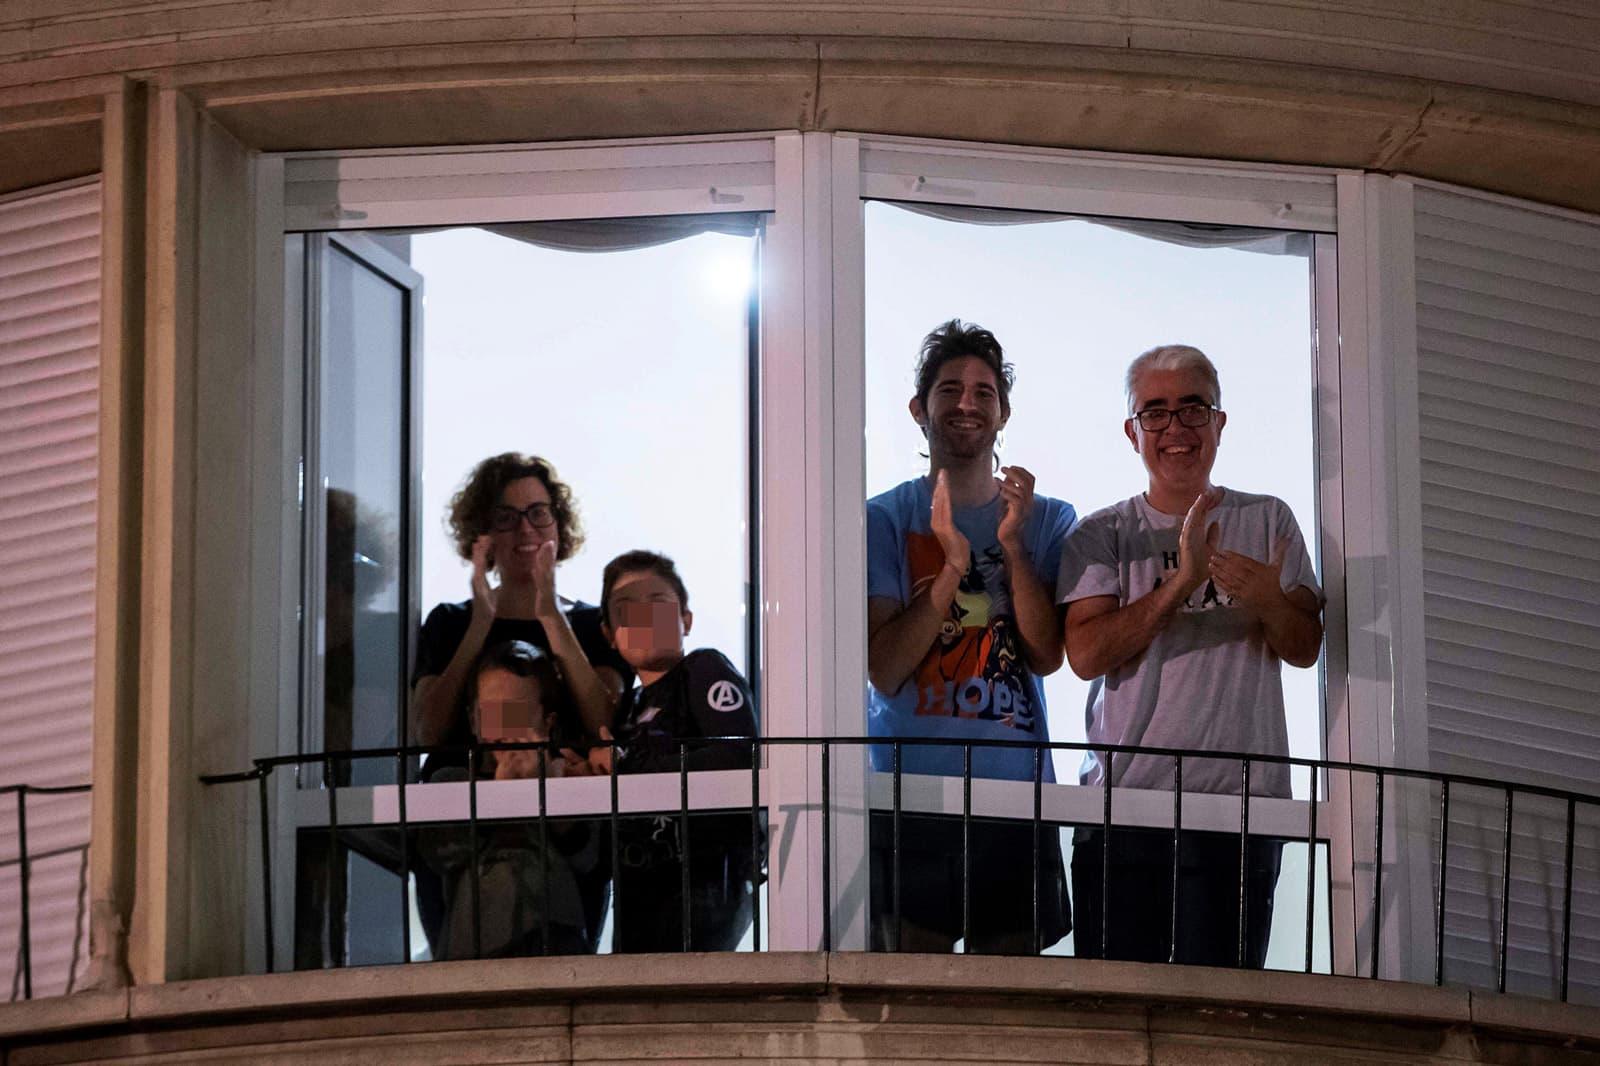 Una família confinada a Múrcia aplaudeix als sanitaris. Fotografia de Marcial Guillén/Efe